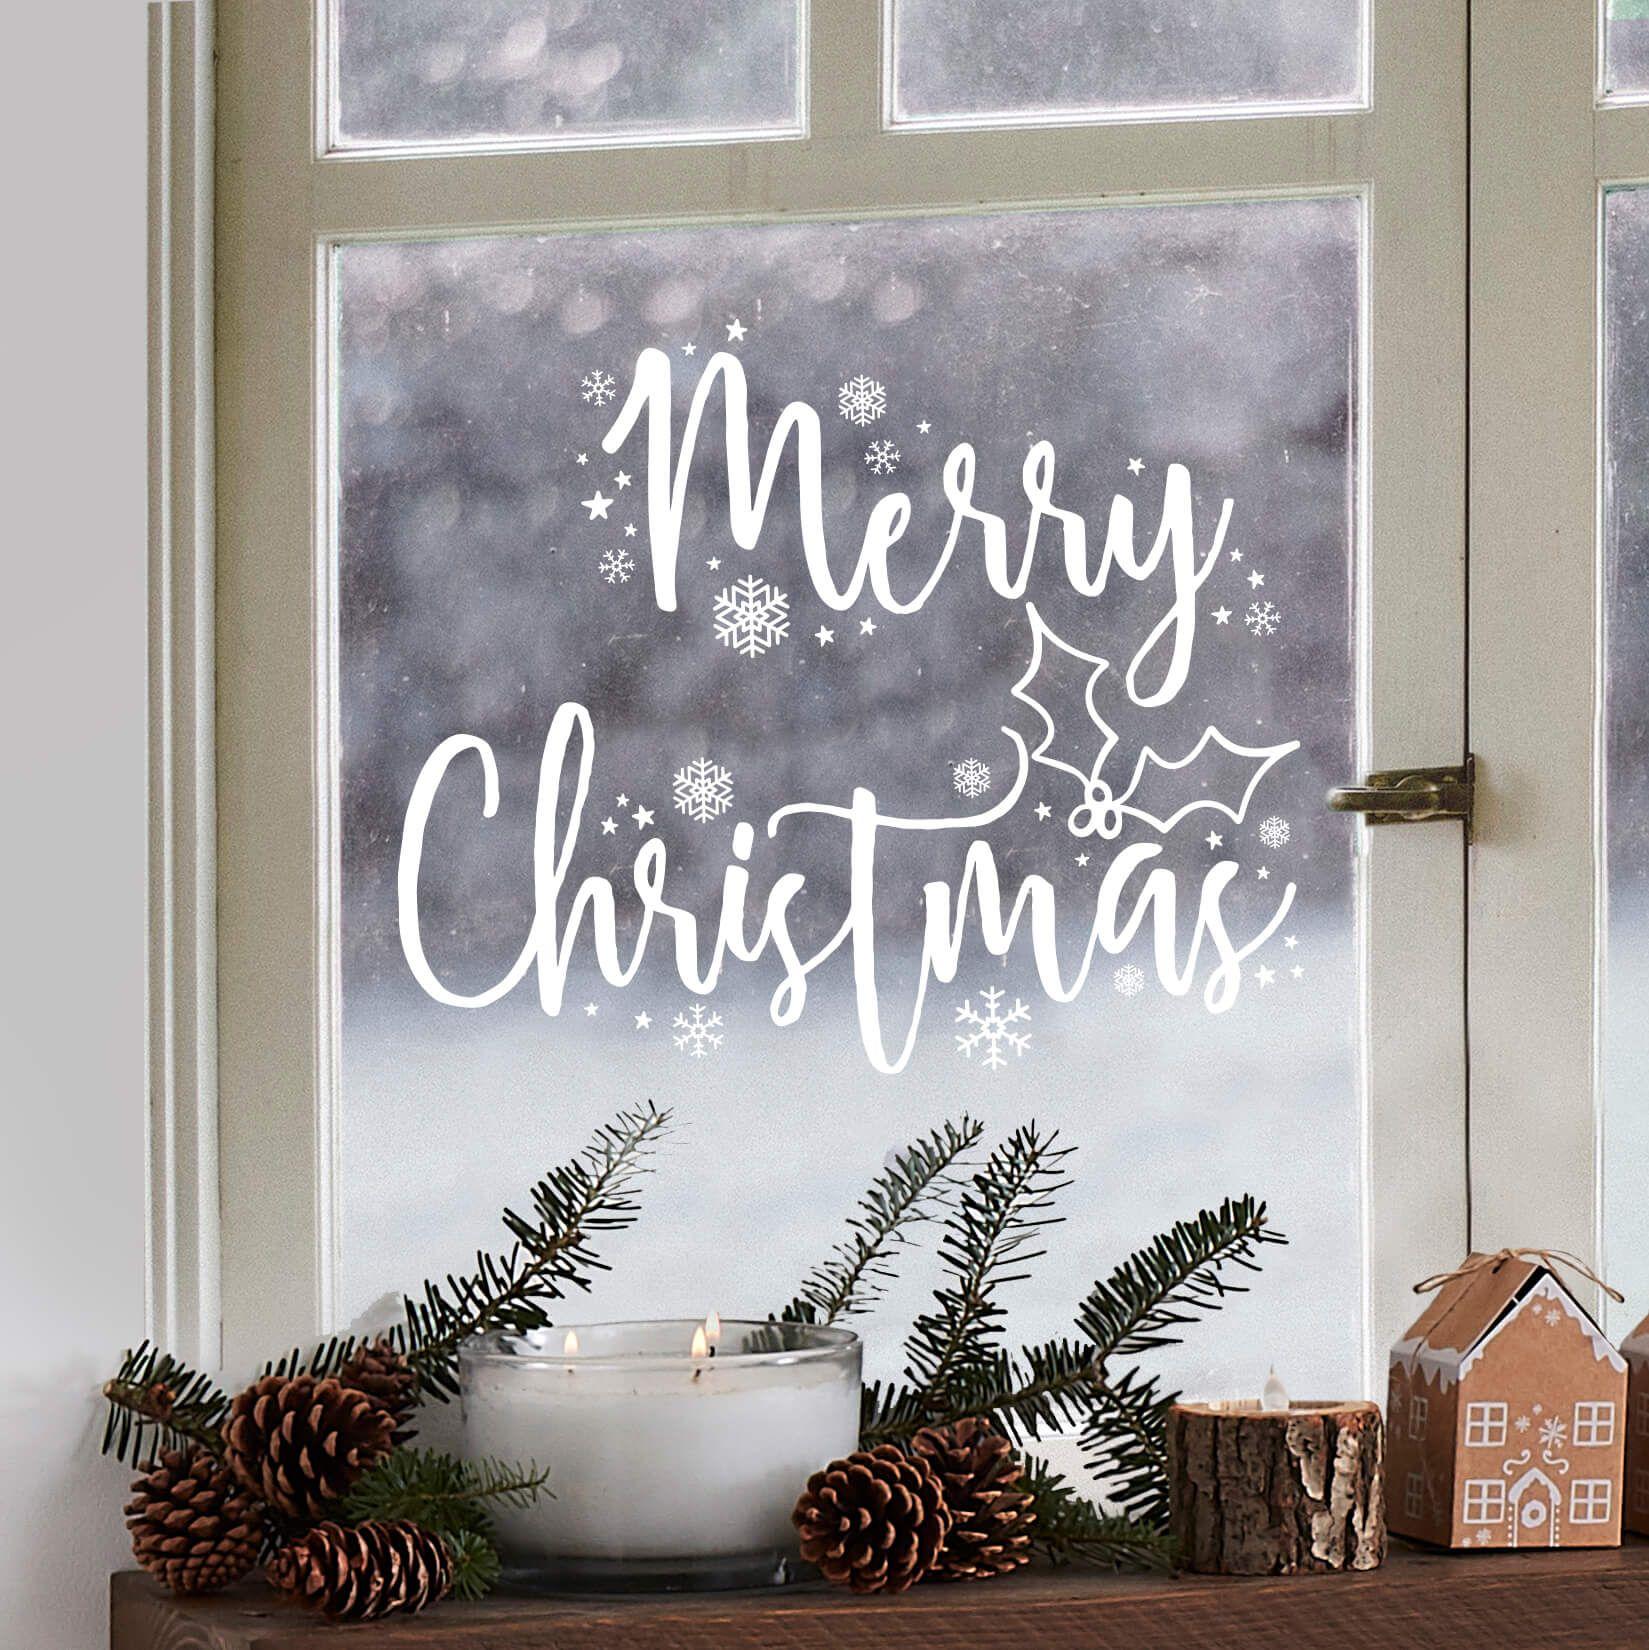 Merry Christmas Raamsticker Kerst Raamsticker Kerstraam Kerstversiering Landelijke Kerstversiering